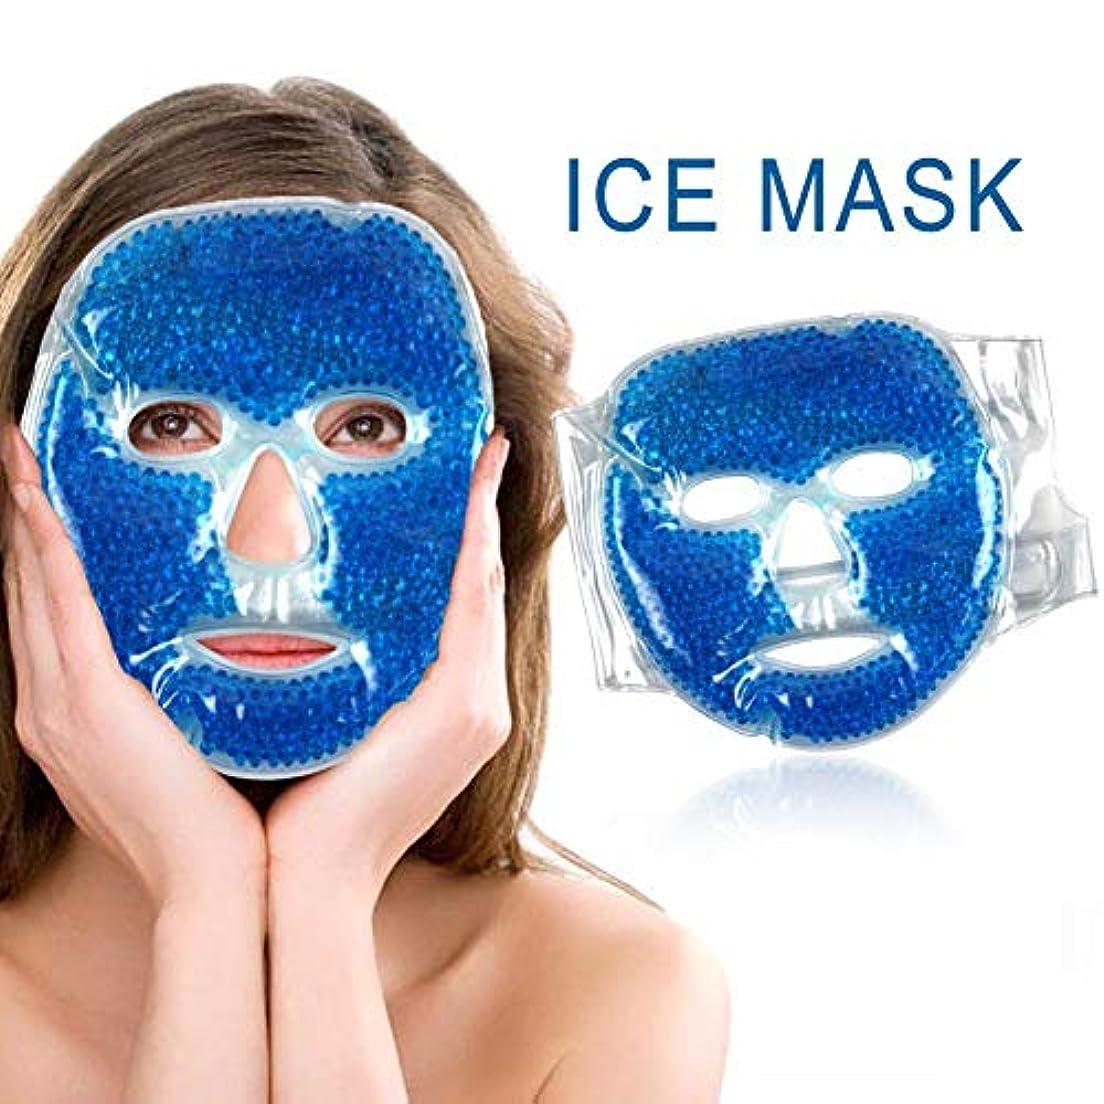 従順な厚い居眠りするSILUN フェイスマスク 冷温兼用 アイスマスク 美容用 再利用可能 毛細血管収縮 疲労緩和 肌ケア 保湿 吸収しやすい 美容マッサージ